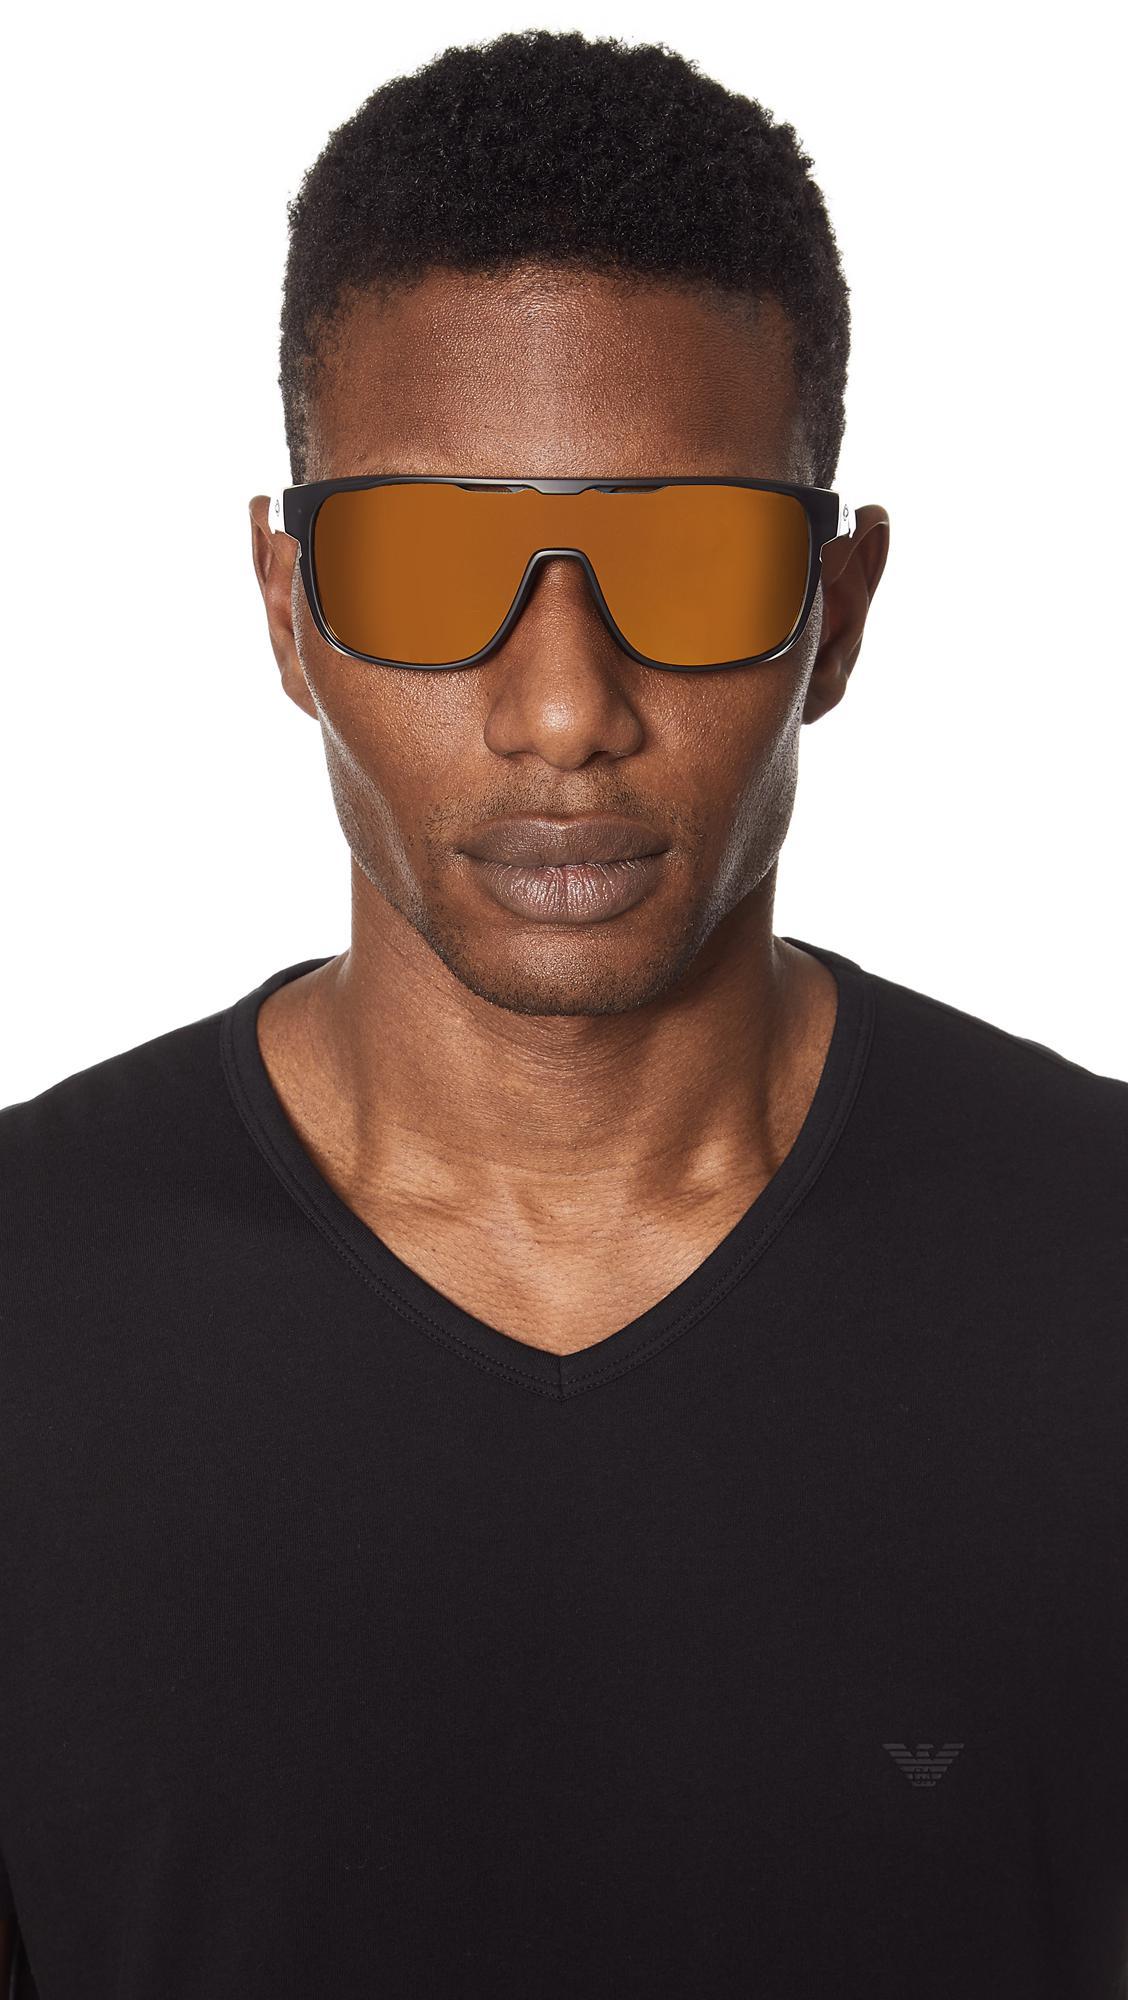 f8f5fdaa072 Lyst - Oakley Crossrange Shield Sunglasses in Black for Men